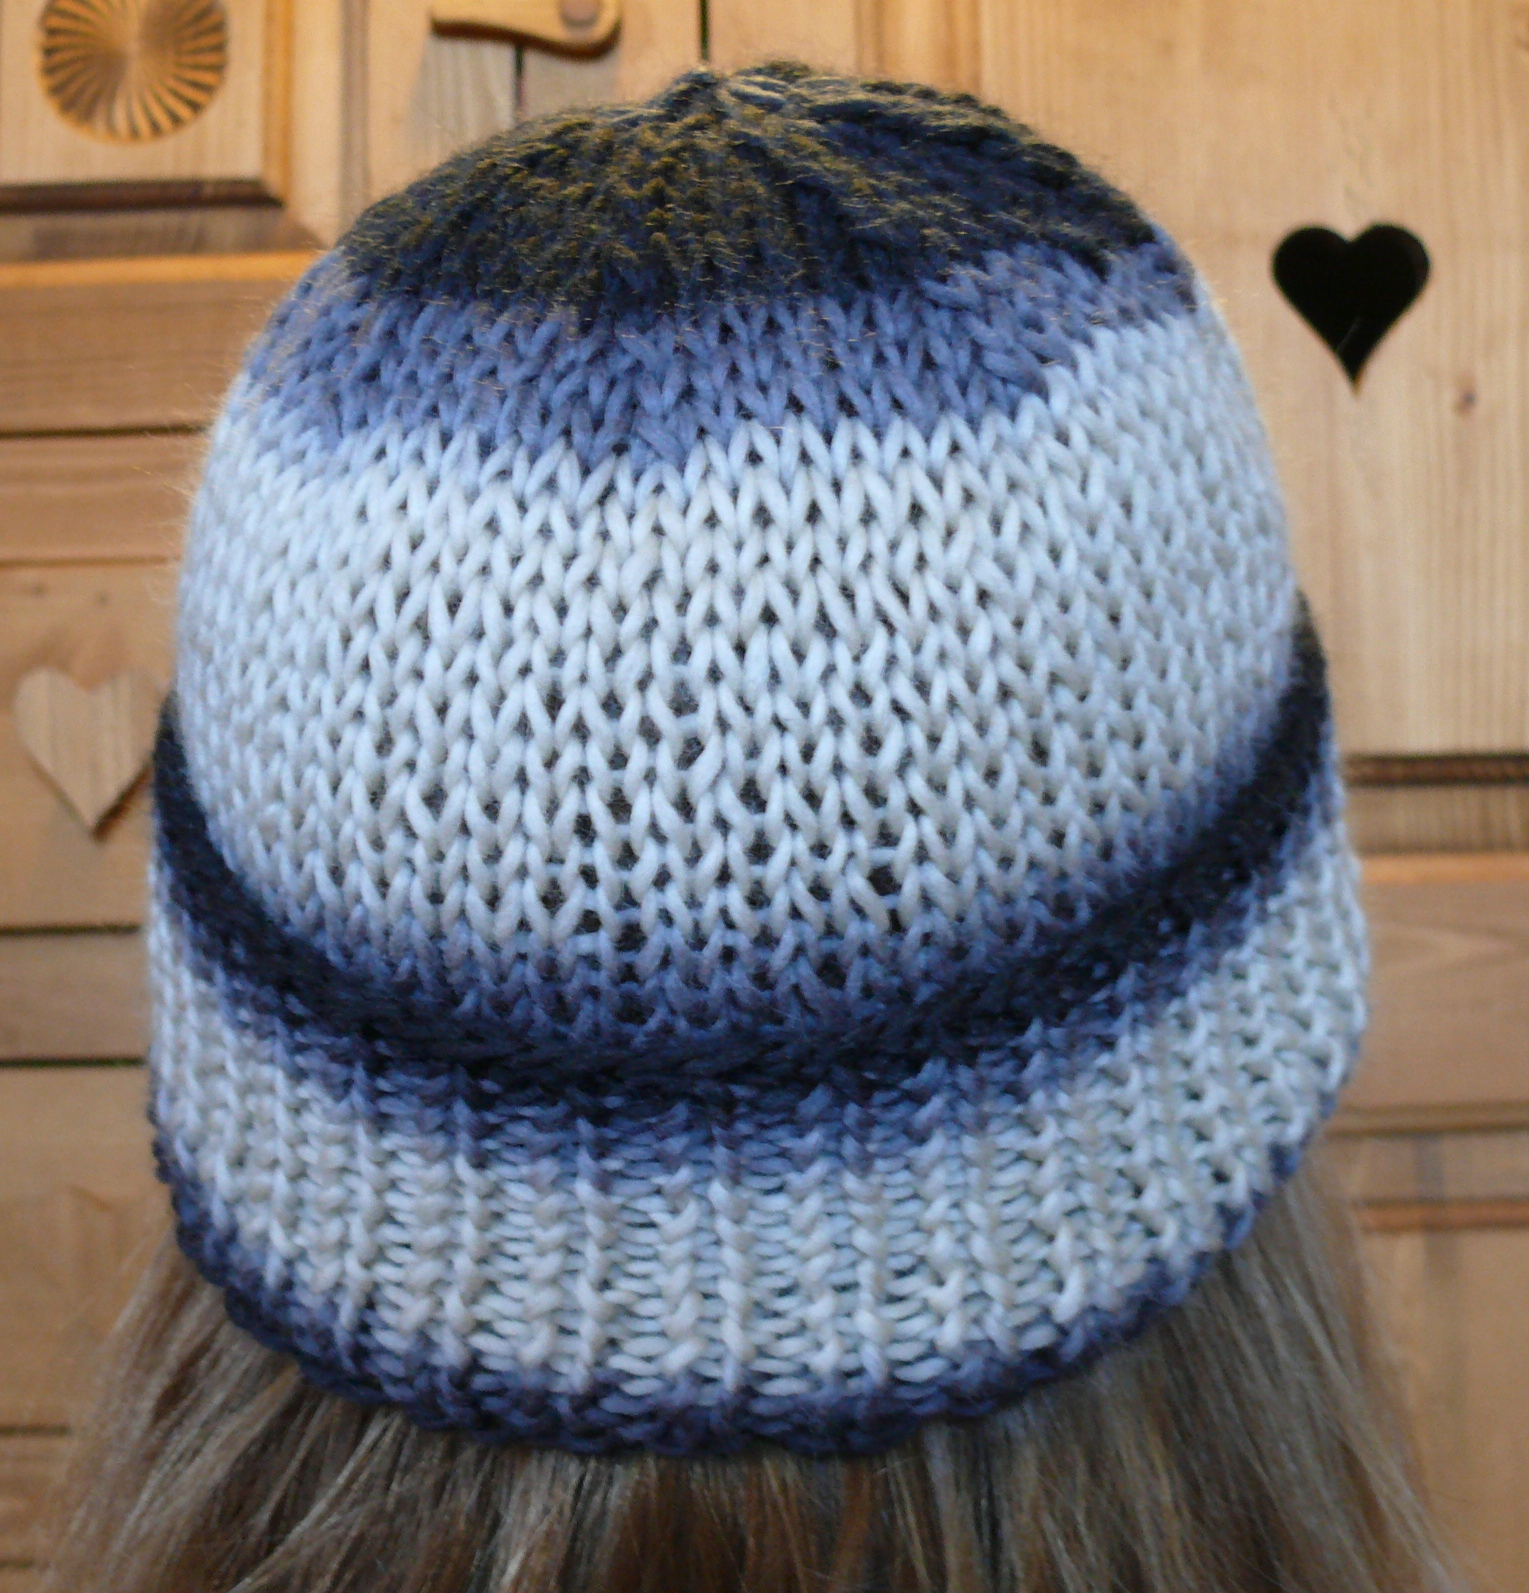 Tricoter un bonnet aiguille 6 - Modele tricot aiguille circulaire ...